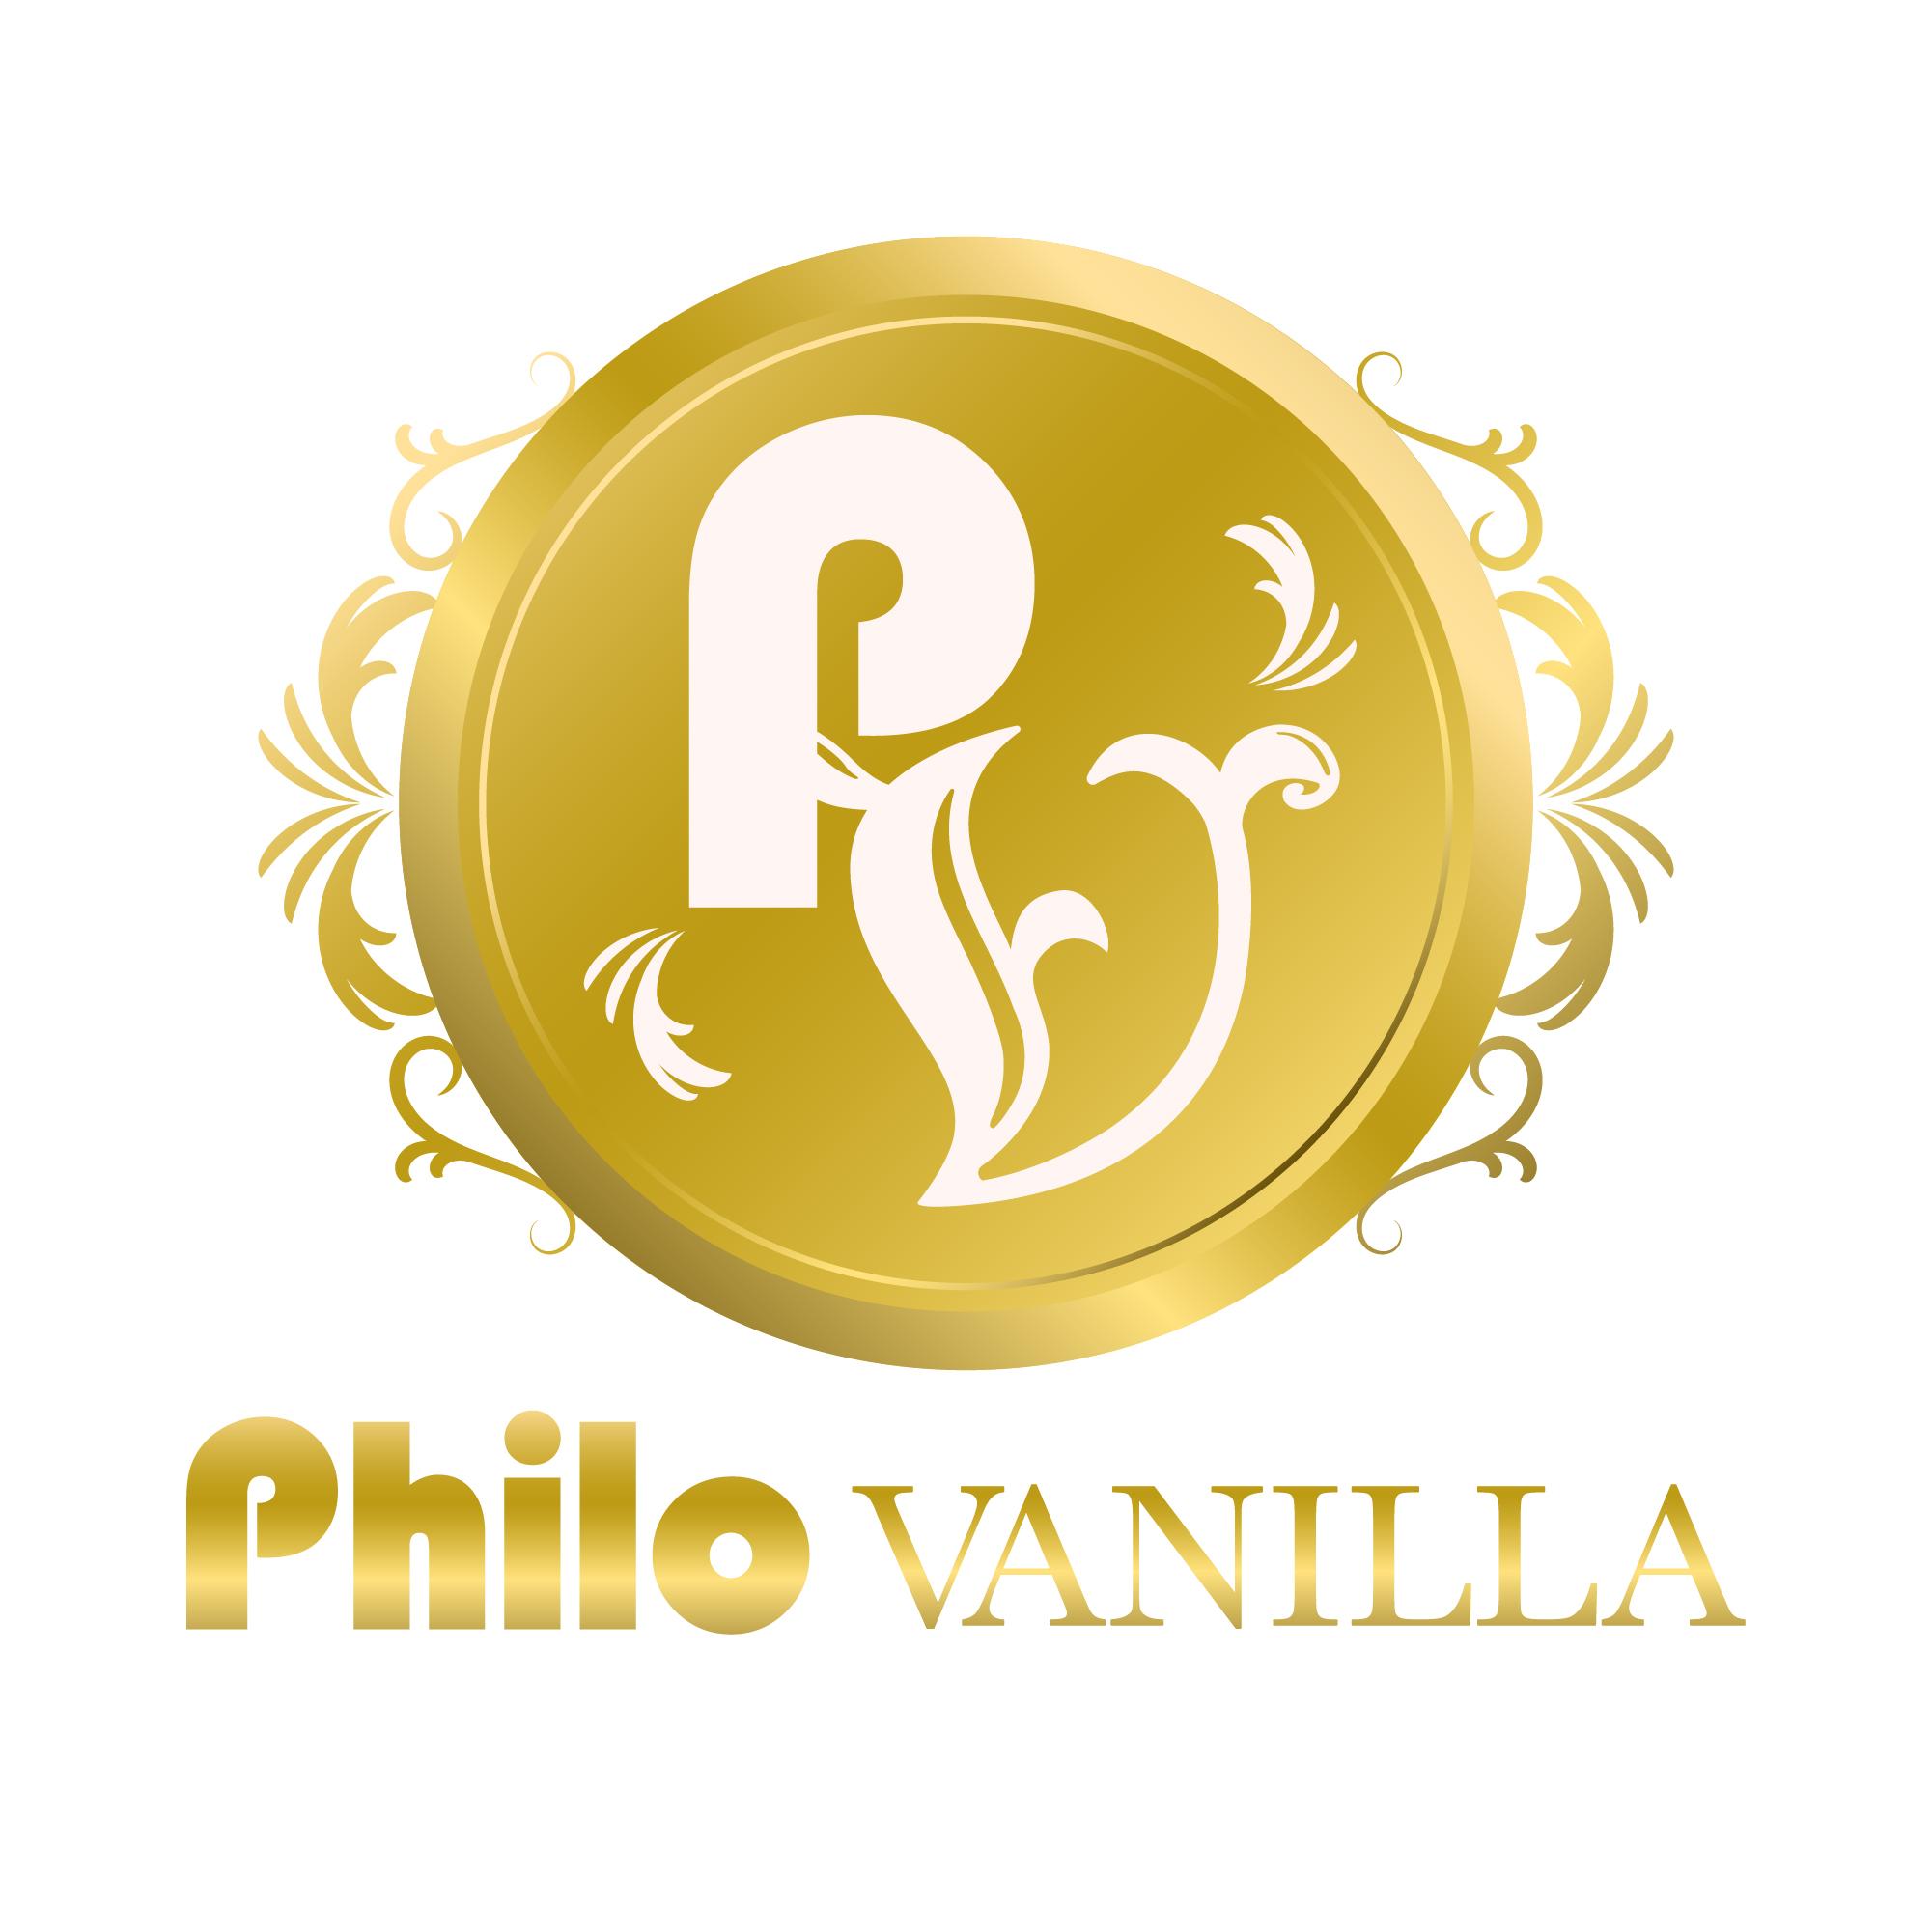 <strong>PHILO VANILA</strong> G-36